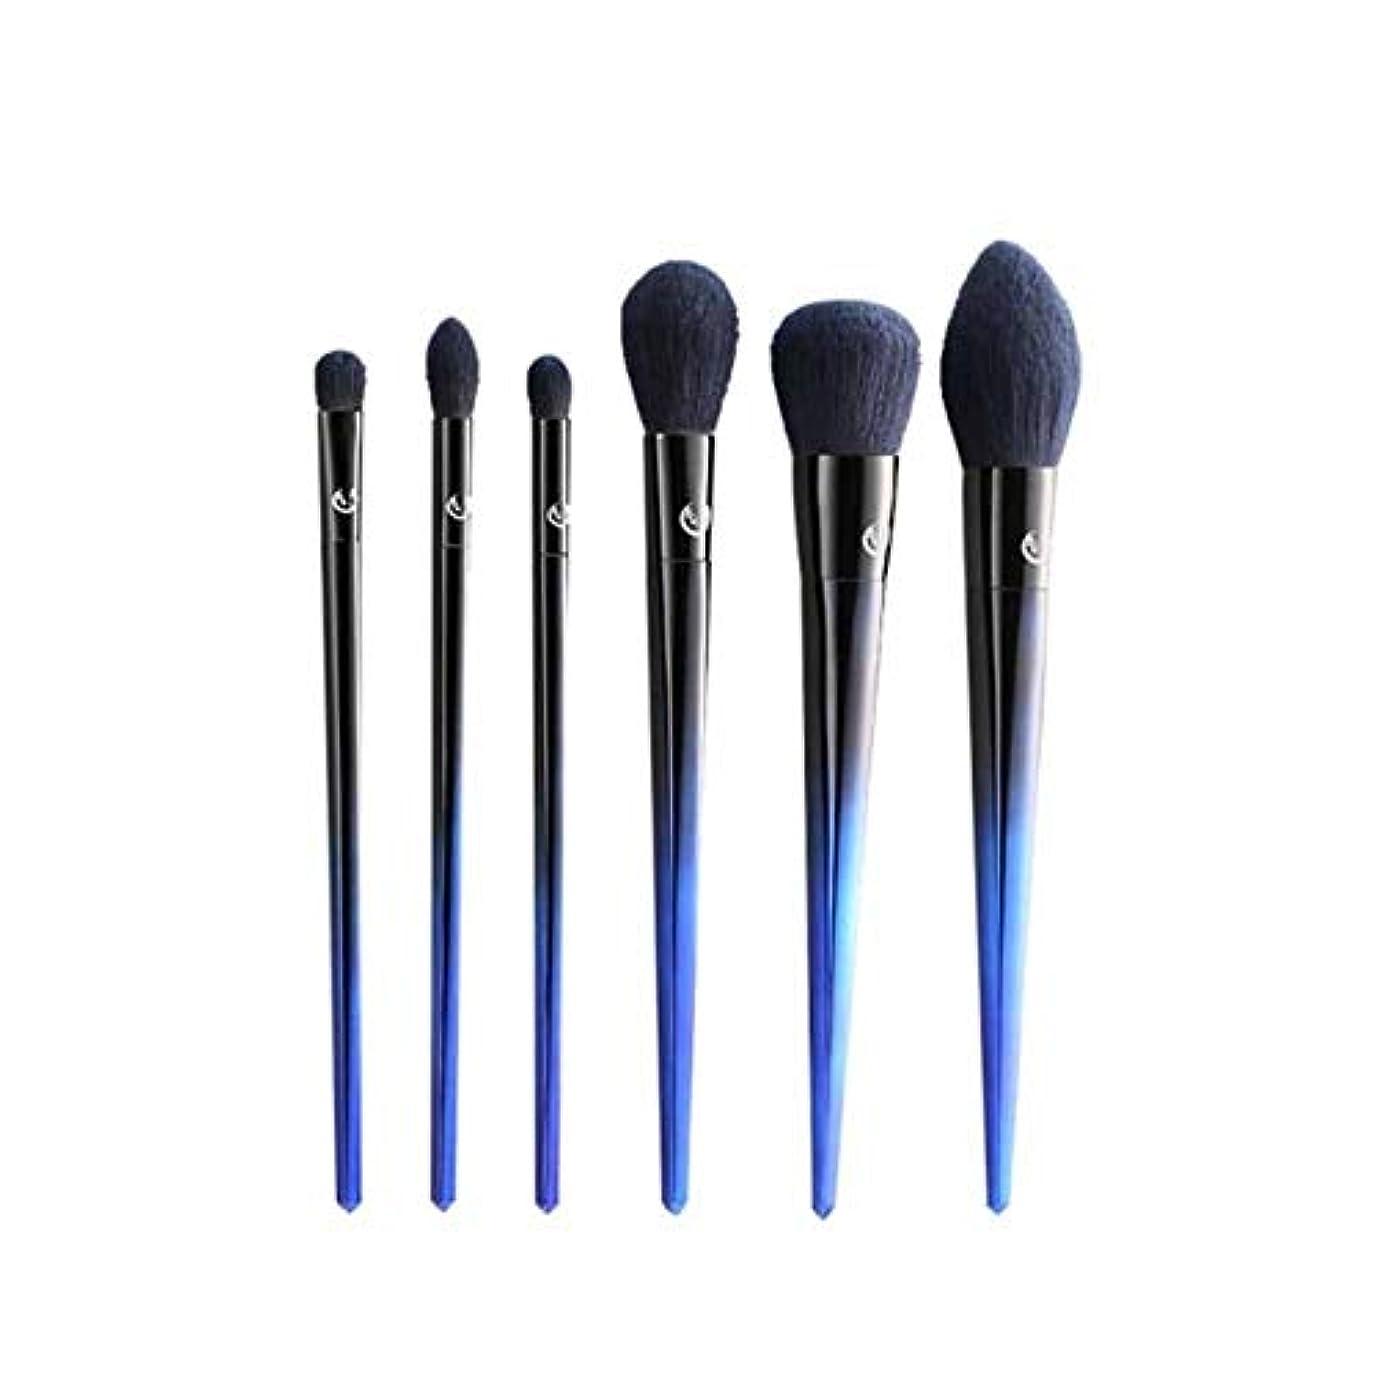 工場高度変わるXIAOCHAOSD メイクブラシ、6つのメイクブラシセット、アイ?フェイシャル?ルースパウダーブラッシュスマッジ美容ツール、プロフェッショナル初心者メイクアップツール、ブルー (Color : Blue)